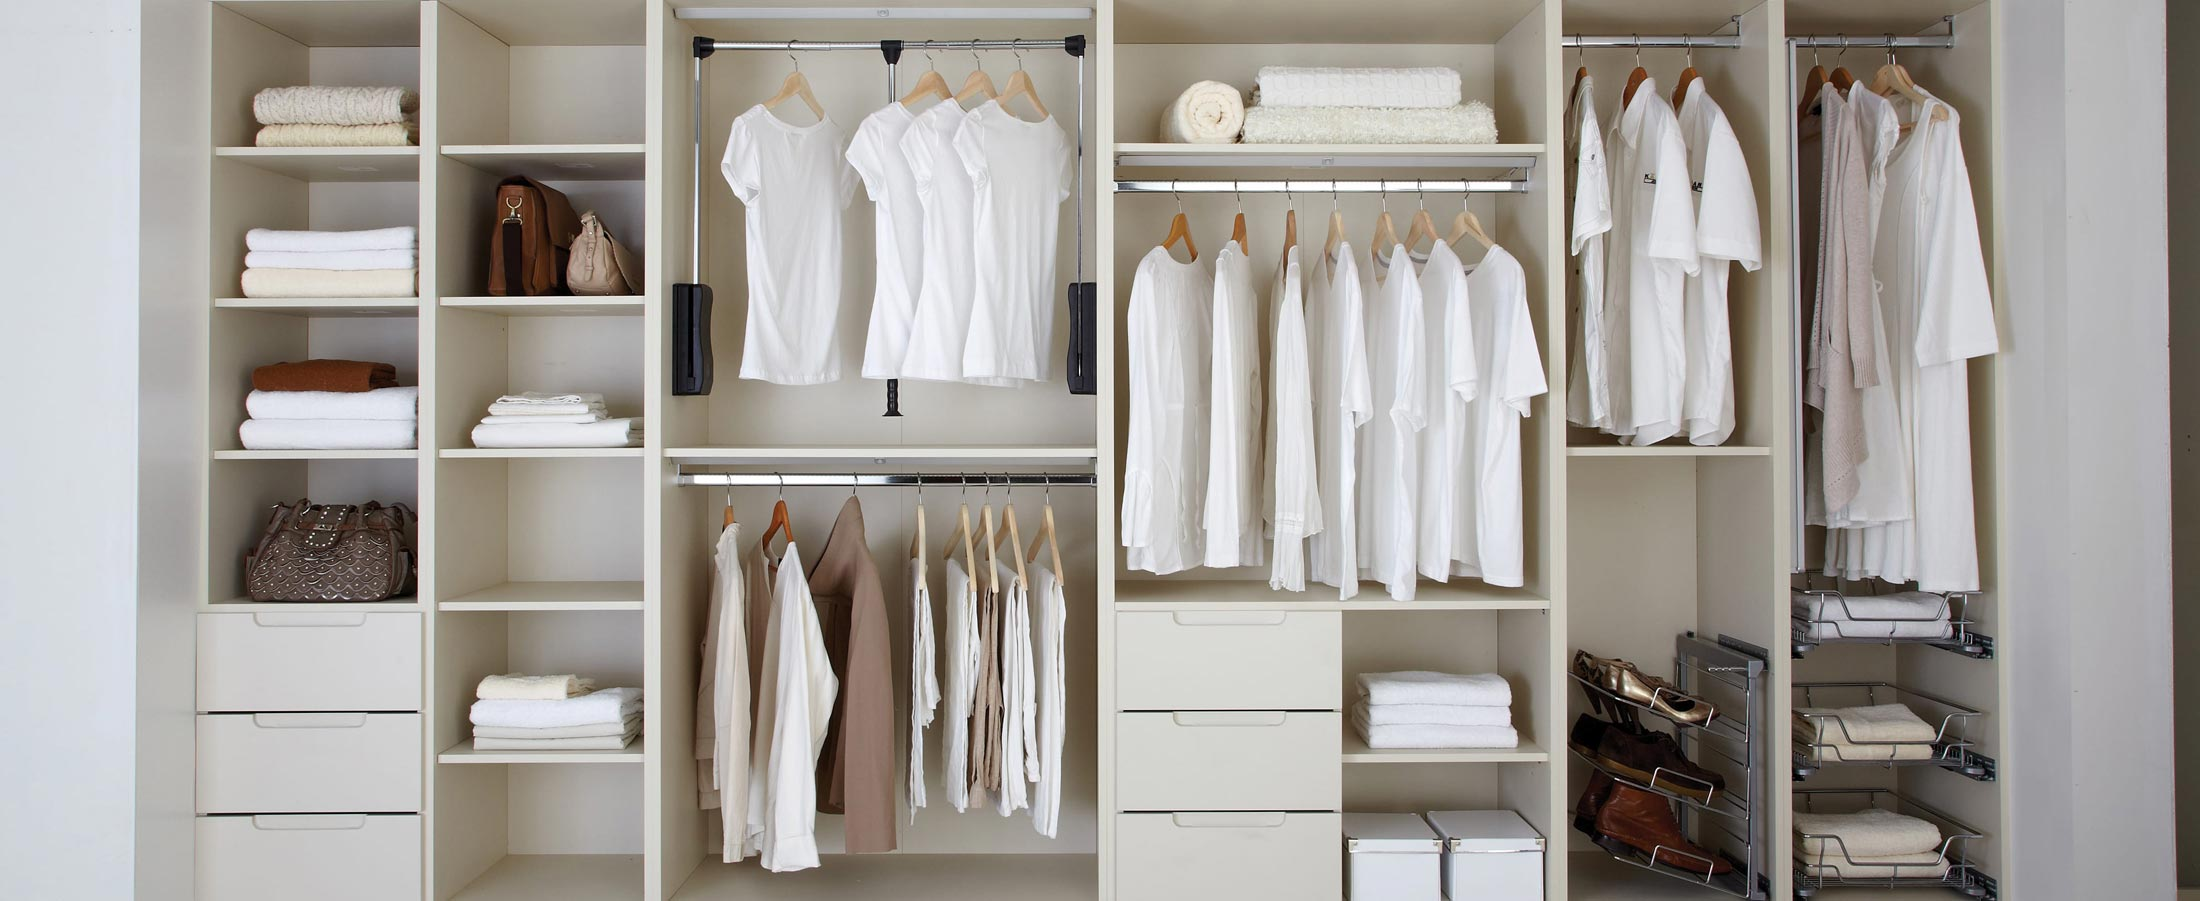 custom made sliding wardrobes